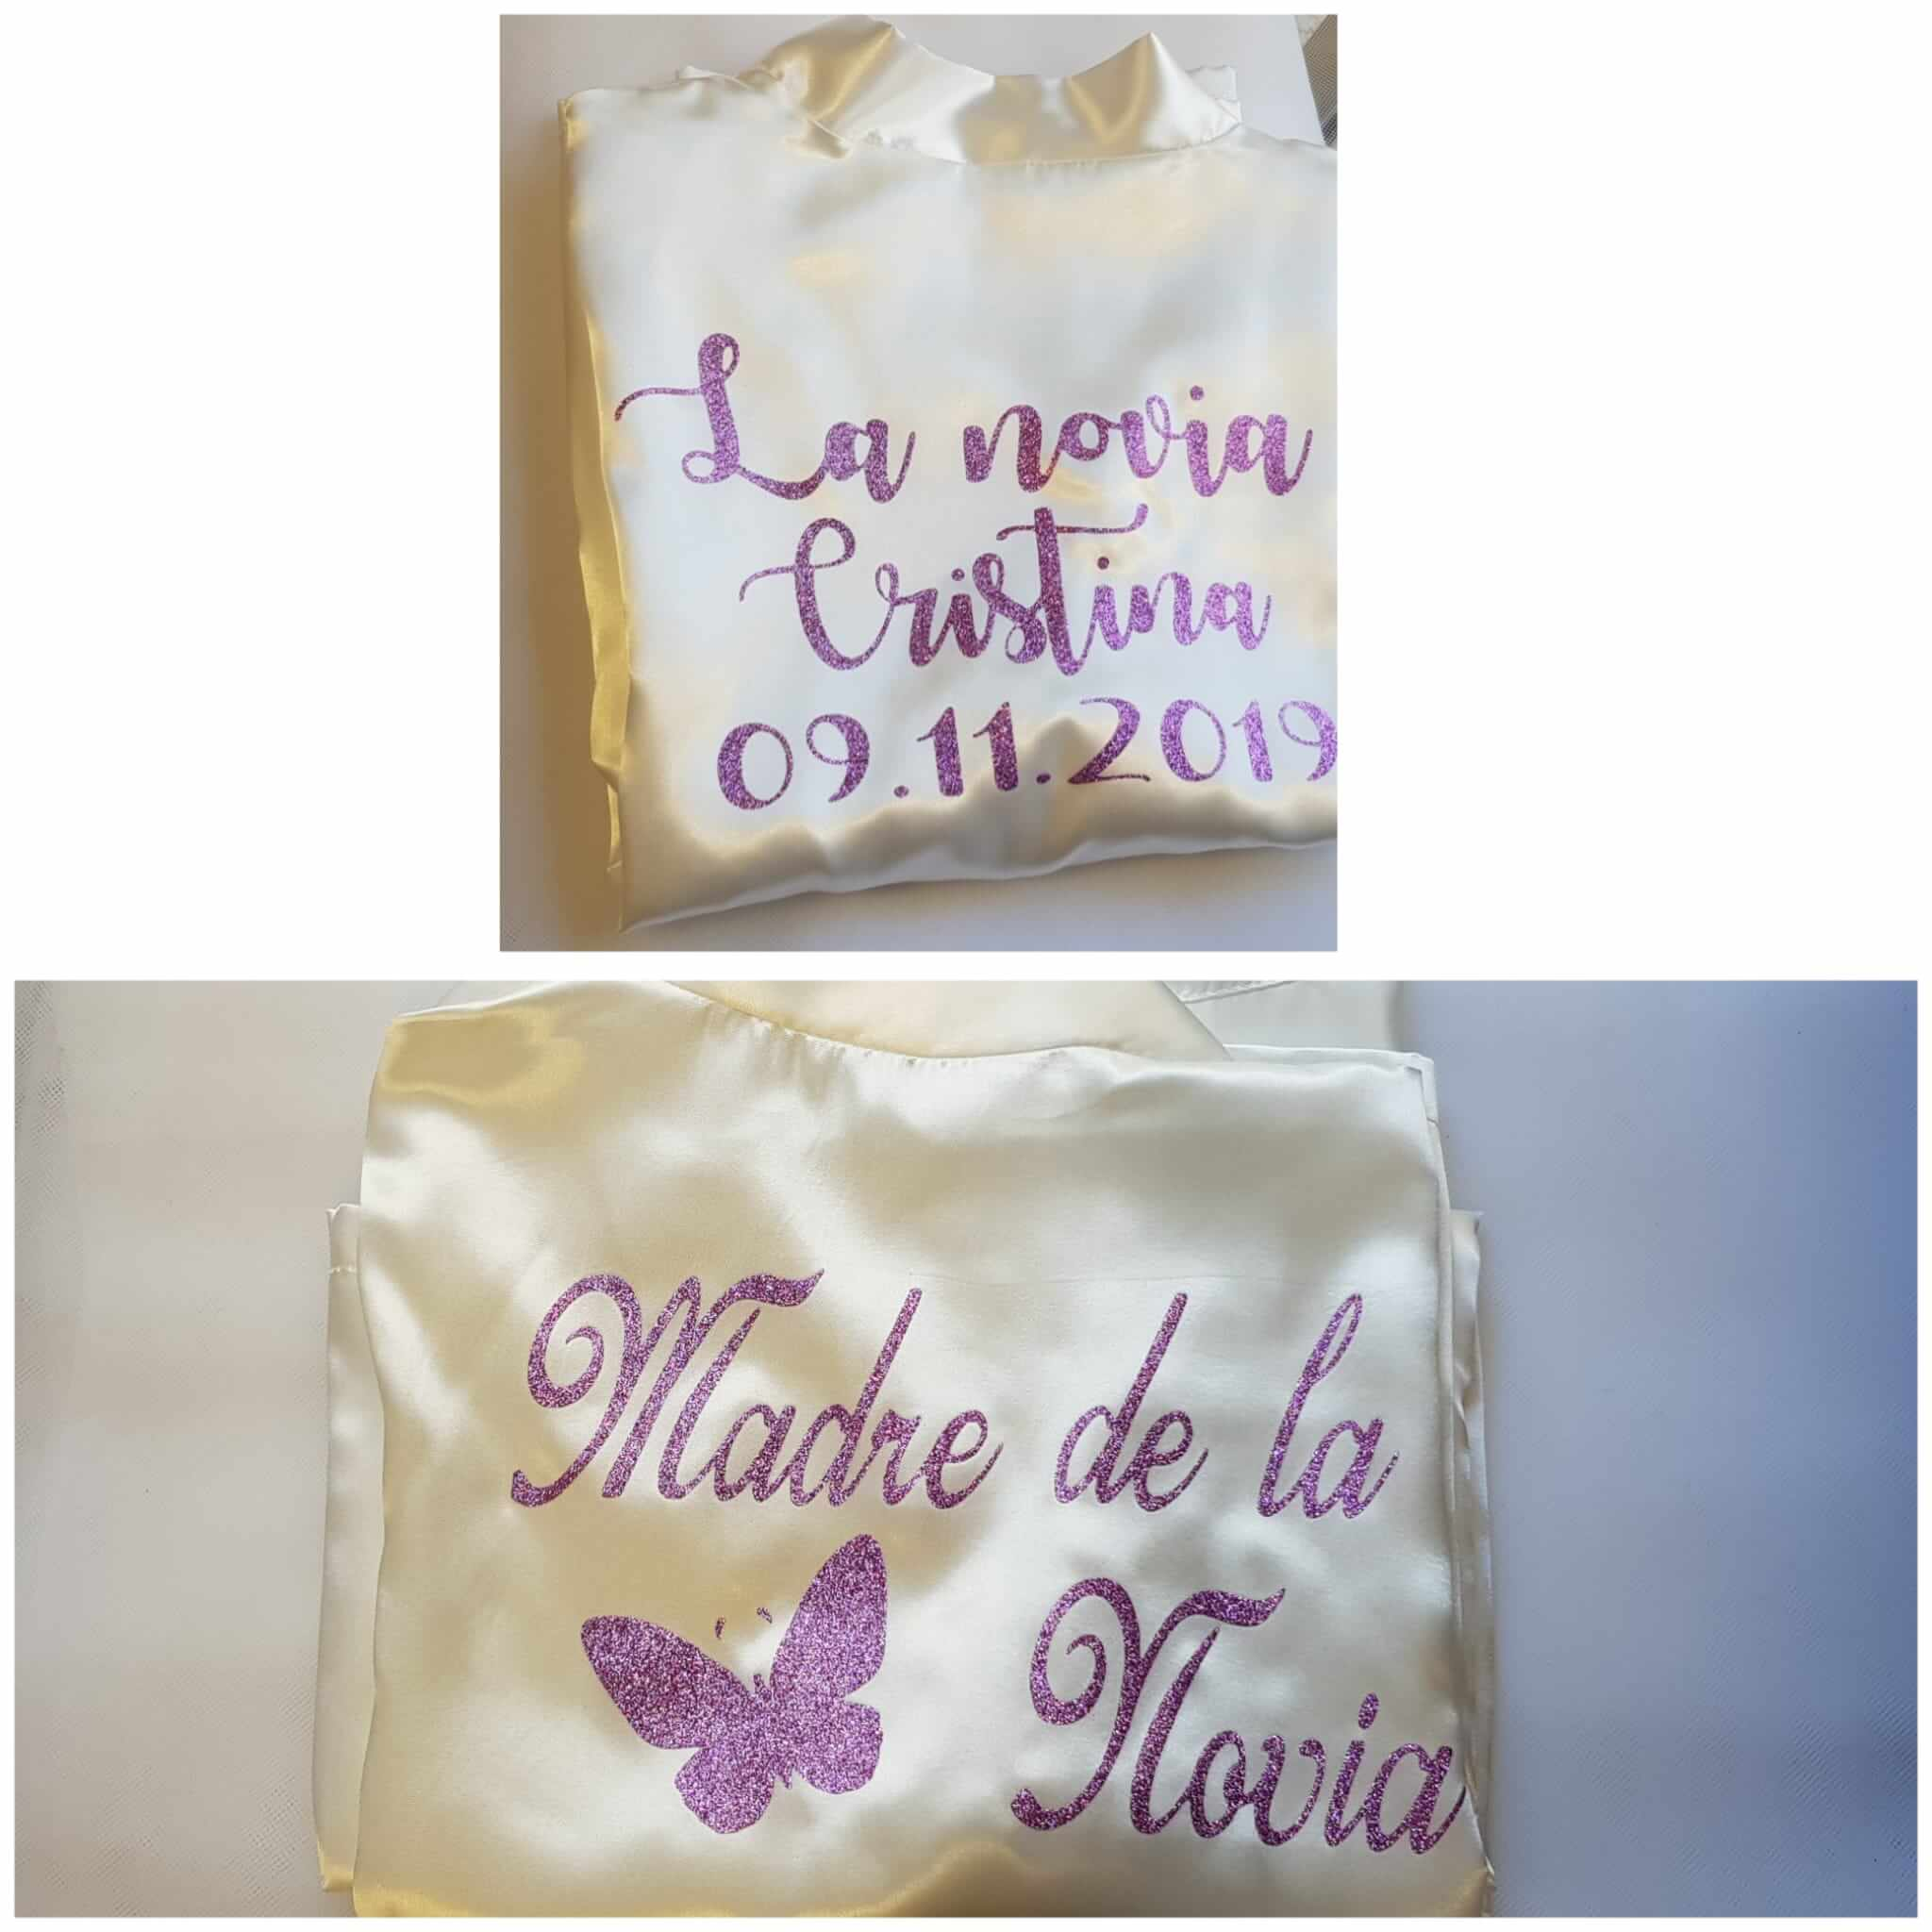 Batas de novia Bata de novia Batas personalizadas